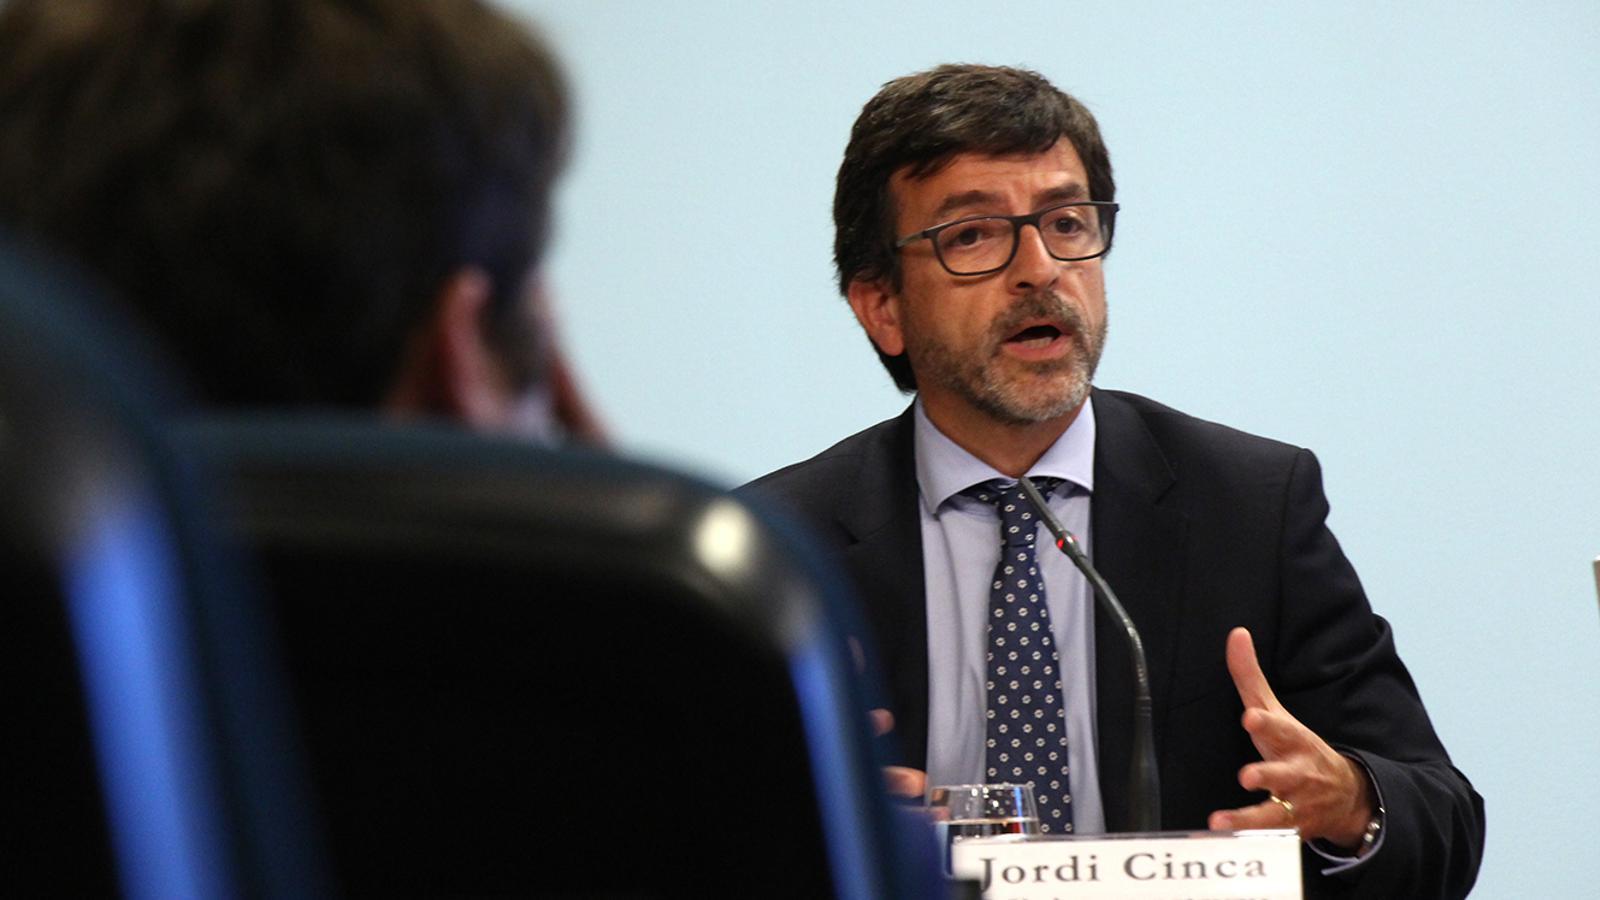 El ministre Jordi Cinca durant la roda de premsa d'aquest dimecres. / M. M.